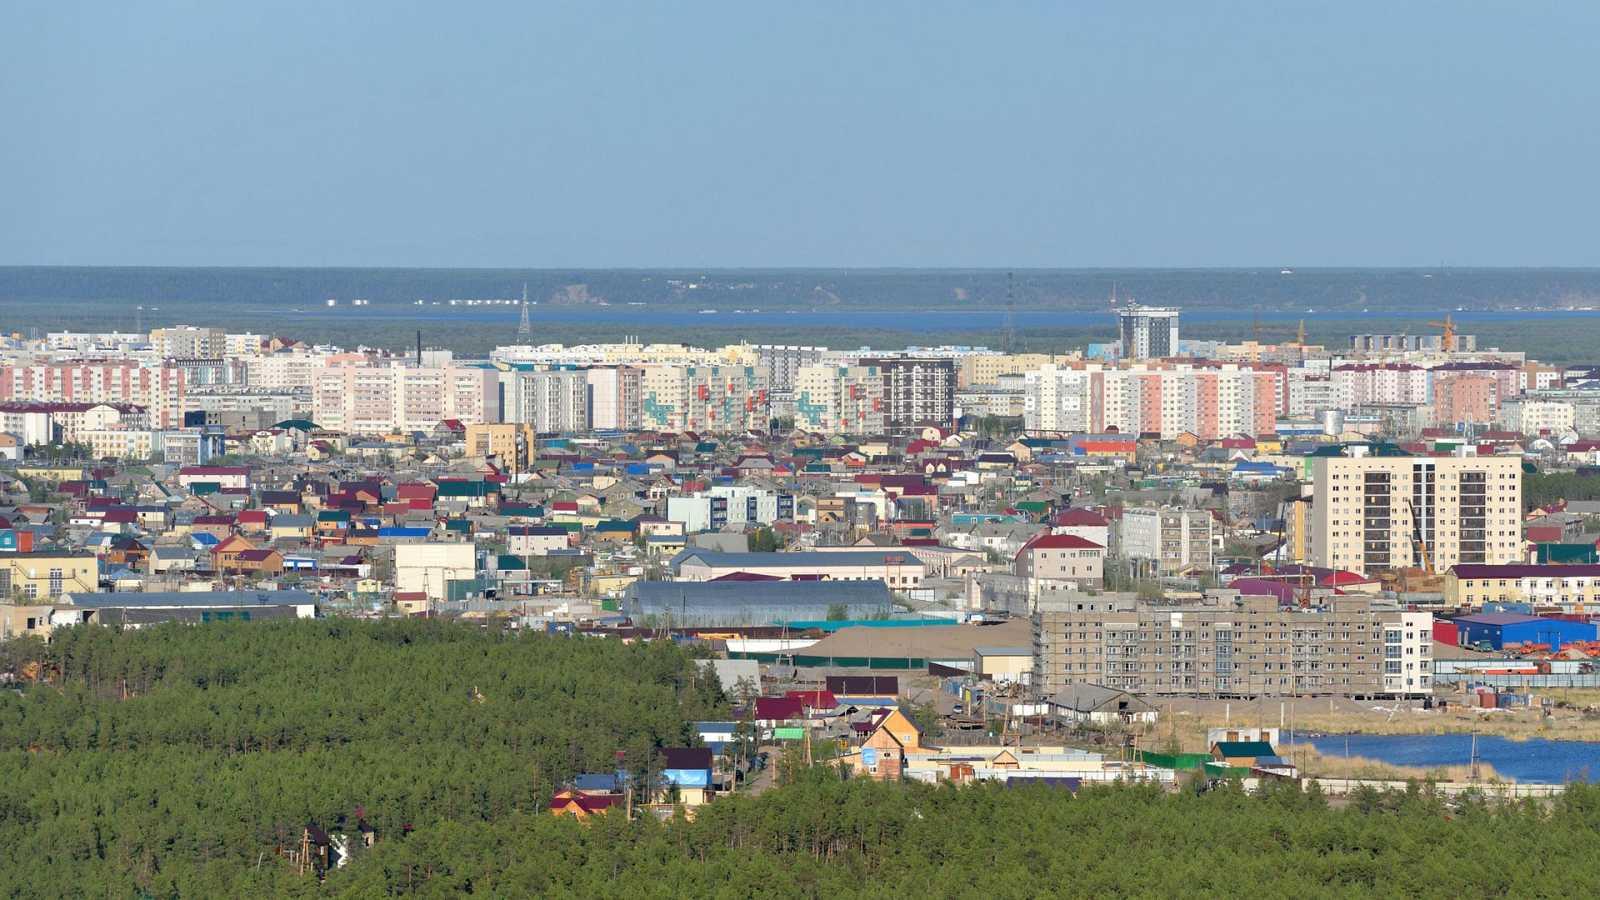 Bienvenidos a mi extraña ciudad - Episodio 3: Yakutsk - ver ahora